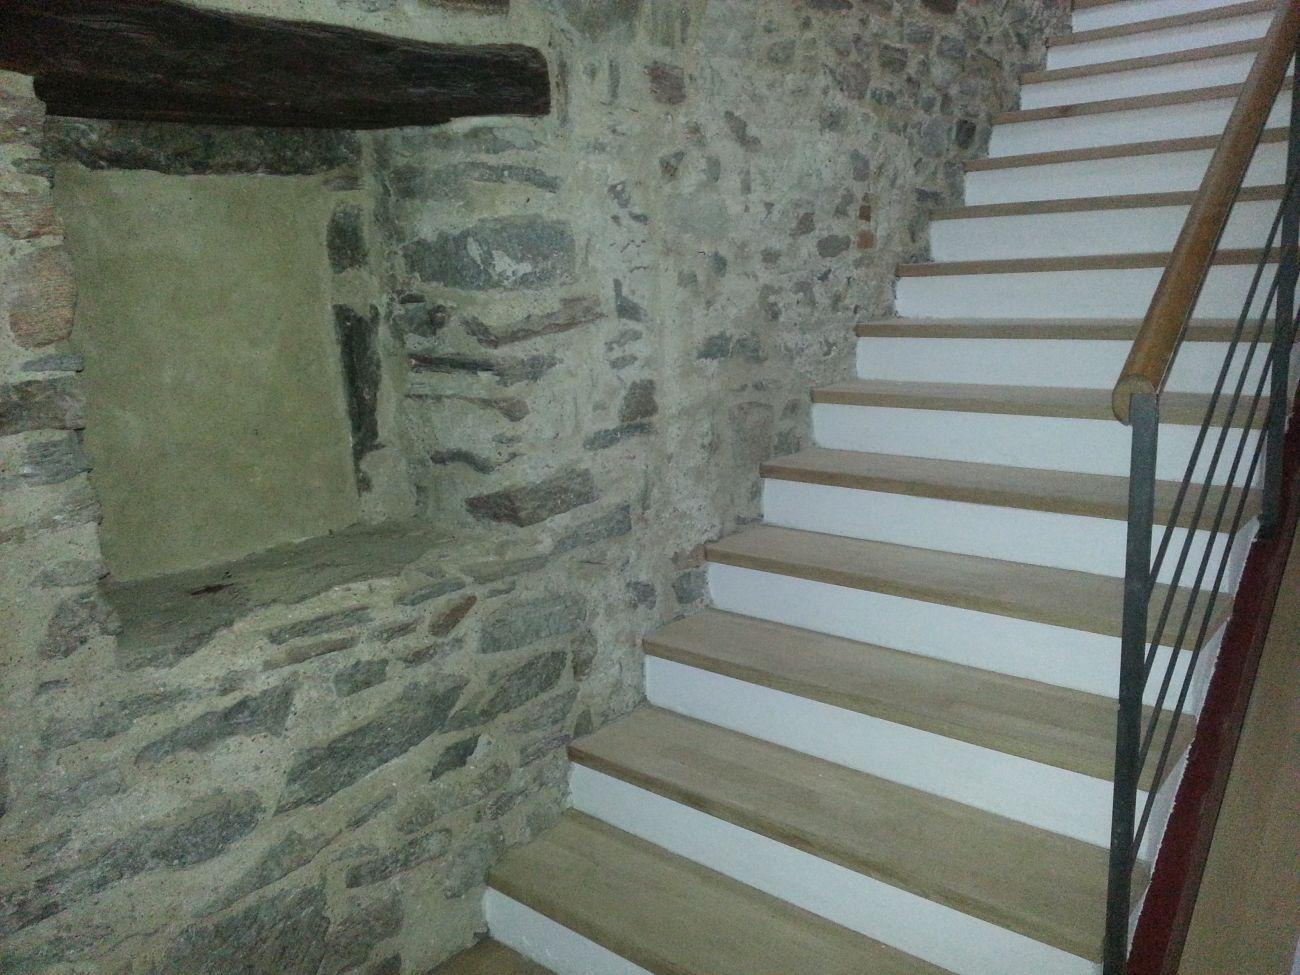 parquet per rivestimenti e scale by Soriano pavimenti Induno Olona  47